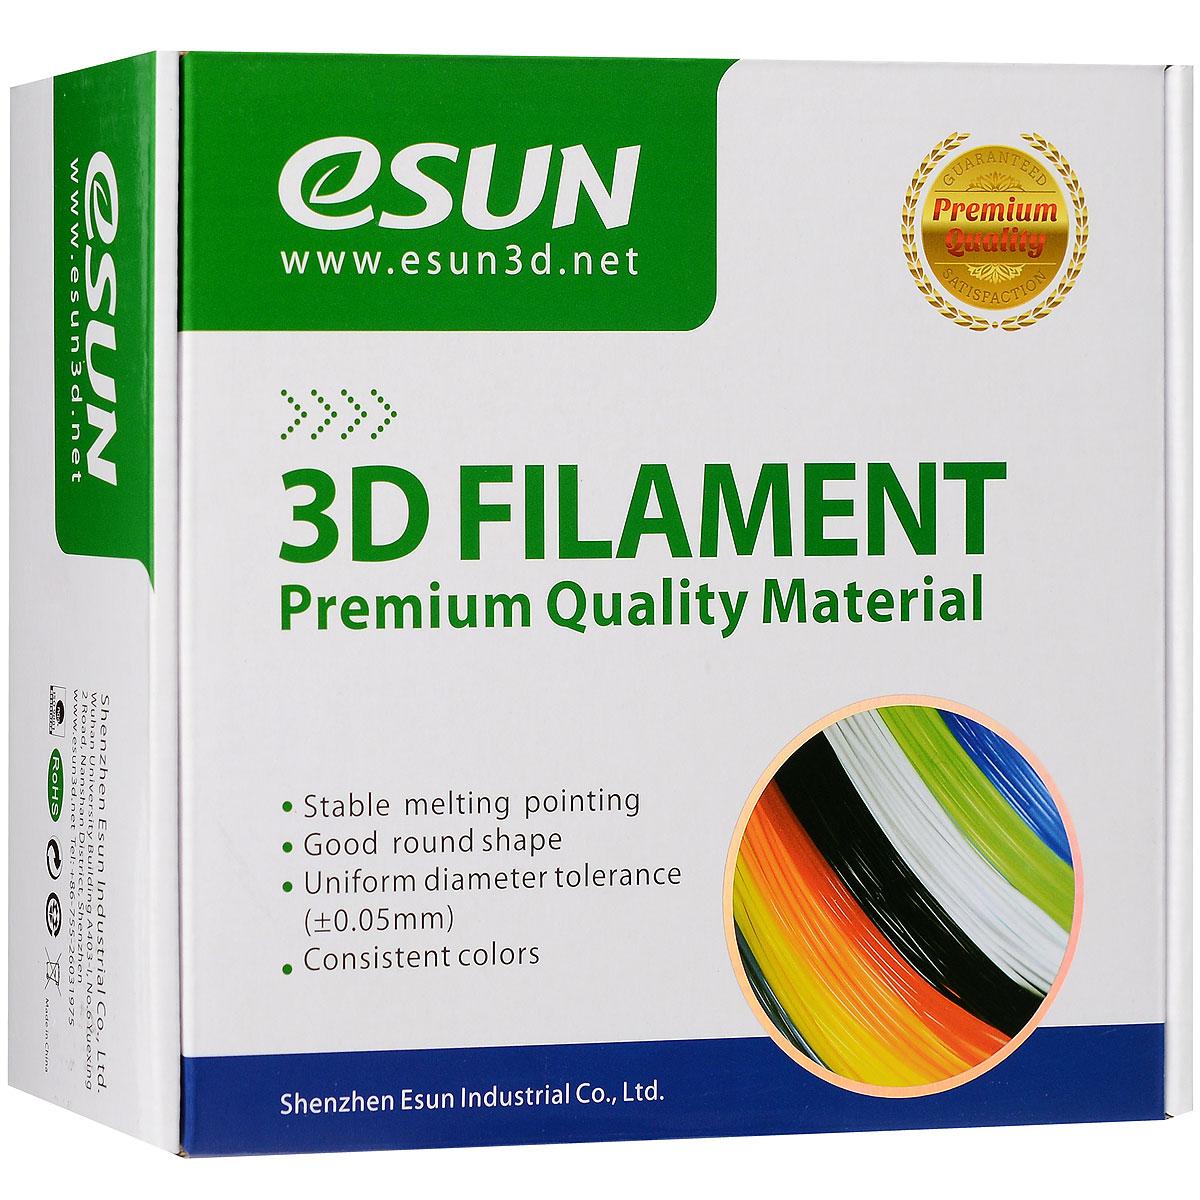 ESUN пластик ABS в катушке, Green, 1,75 ммABS175G1Пластик ABS от ESUN долговечный и очень прочный полимер, ударопрочный, эластичный и стойкий к моющим средствам и щелочам. Один из лучших материалов для печати на 3D принтере. Пластик ABS не имеет запаха и не является токсичным. Температура плавления220-260°C. АБС пластик для 3D-принтера применяется в деталях автомобилей, канцелярских изделиях, корпусах бытовой техники, мебели, сантехники, а также в производстве игрушек, сувениров, спортивного инвентаря, деталей оружия, медицинского оборудования и прочего.Диаметр пластиковой нити: 1.75 мм